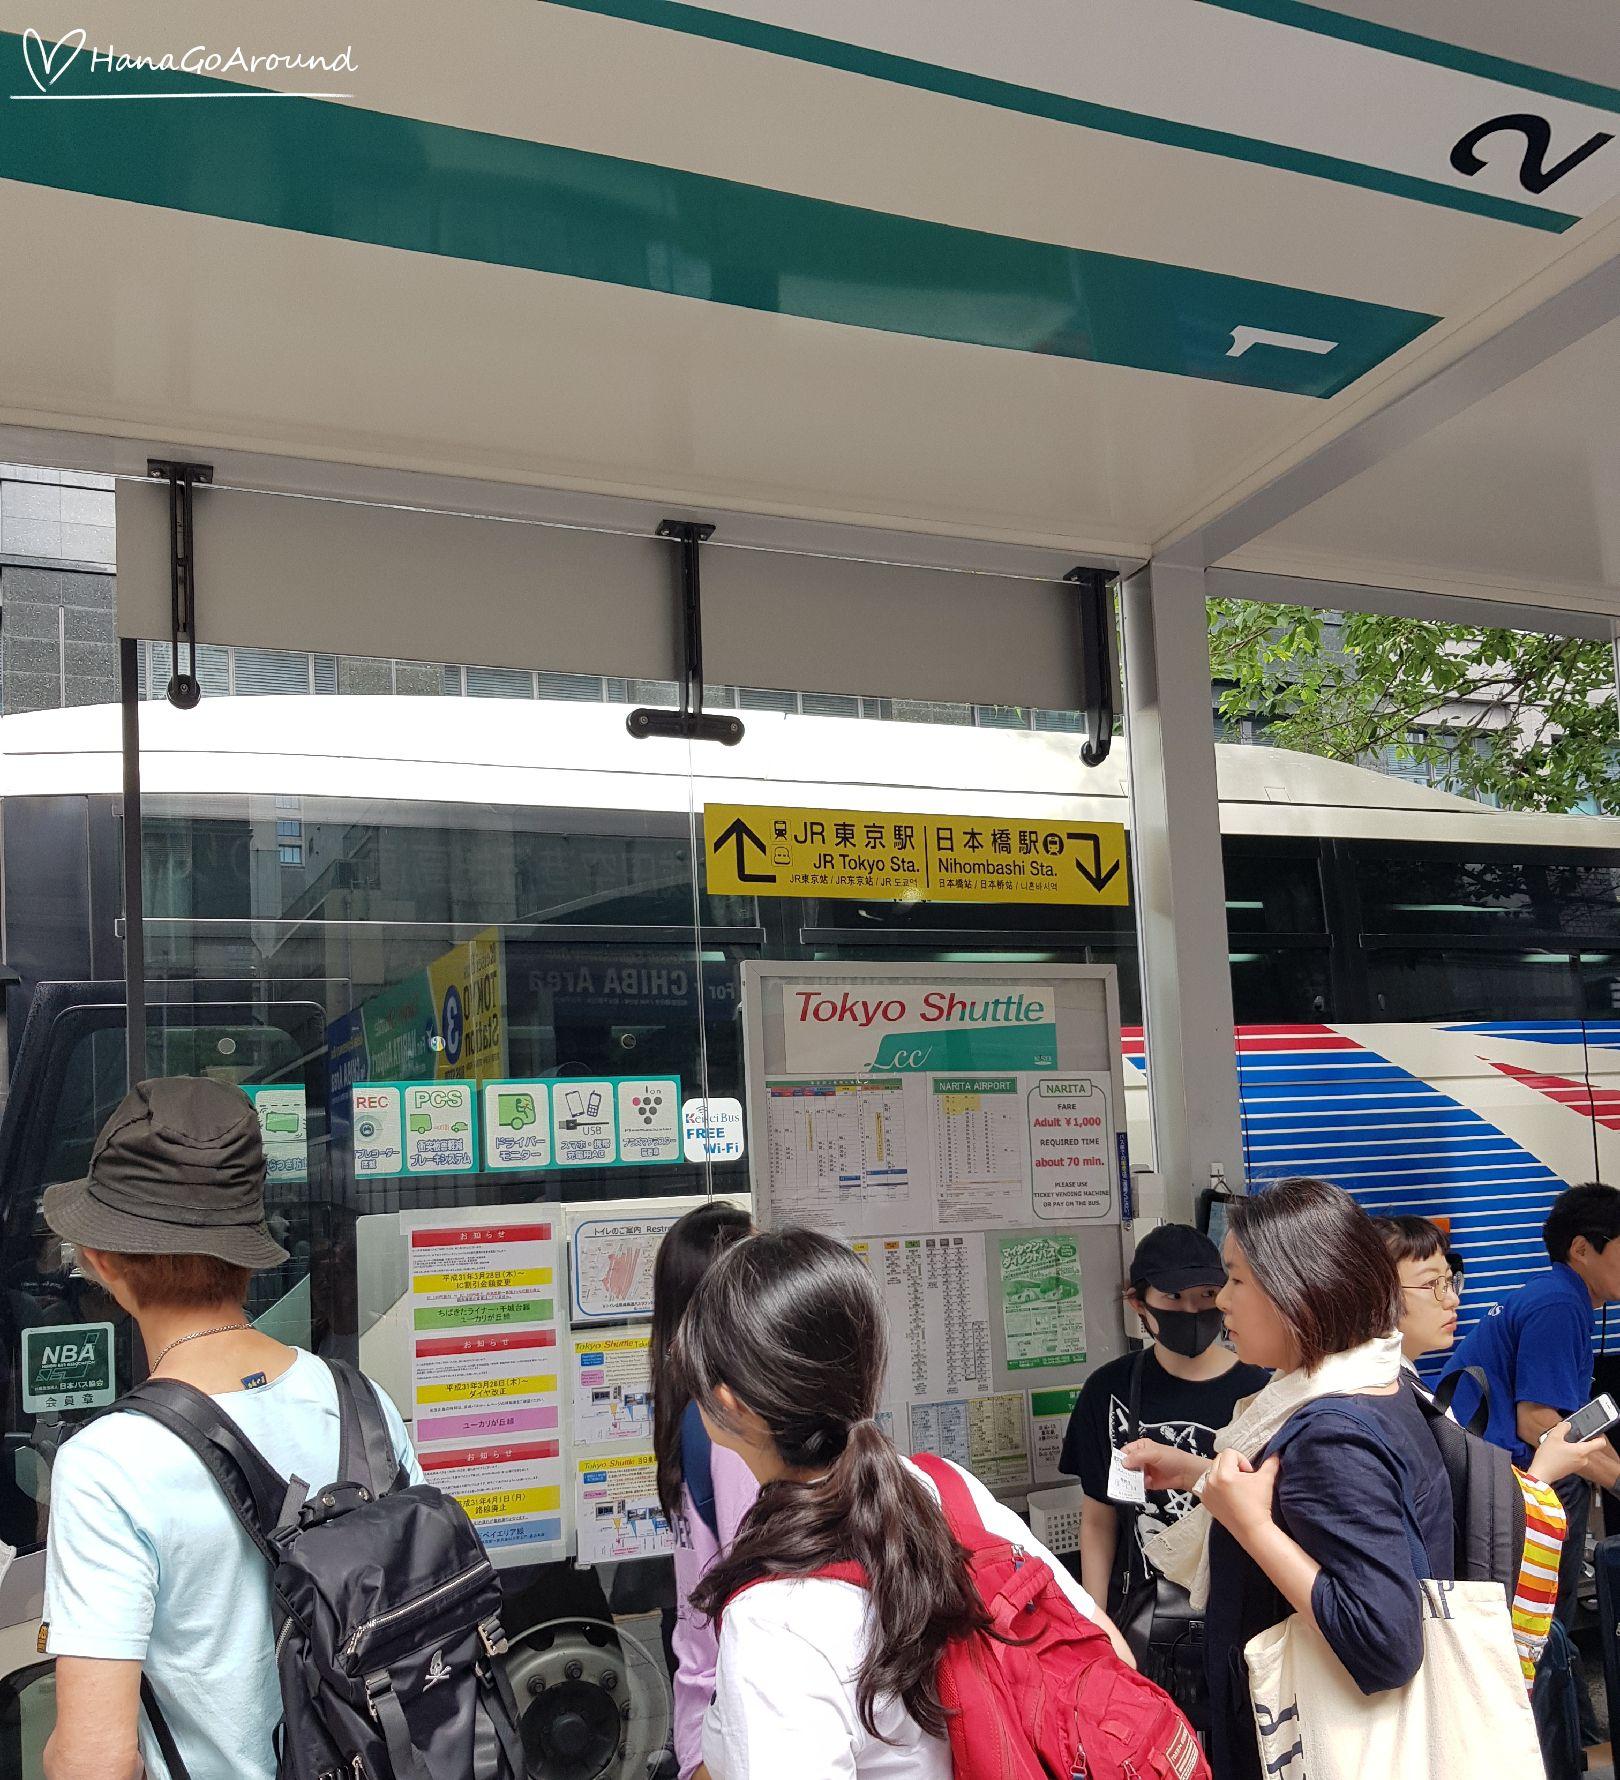 ชานชาลารถ Keisei Bus สถานีรถไฟโตเกียว